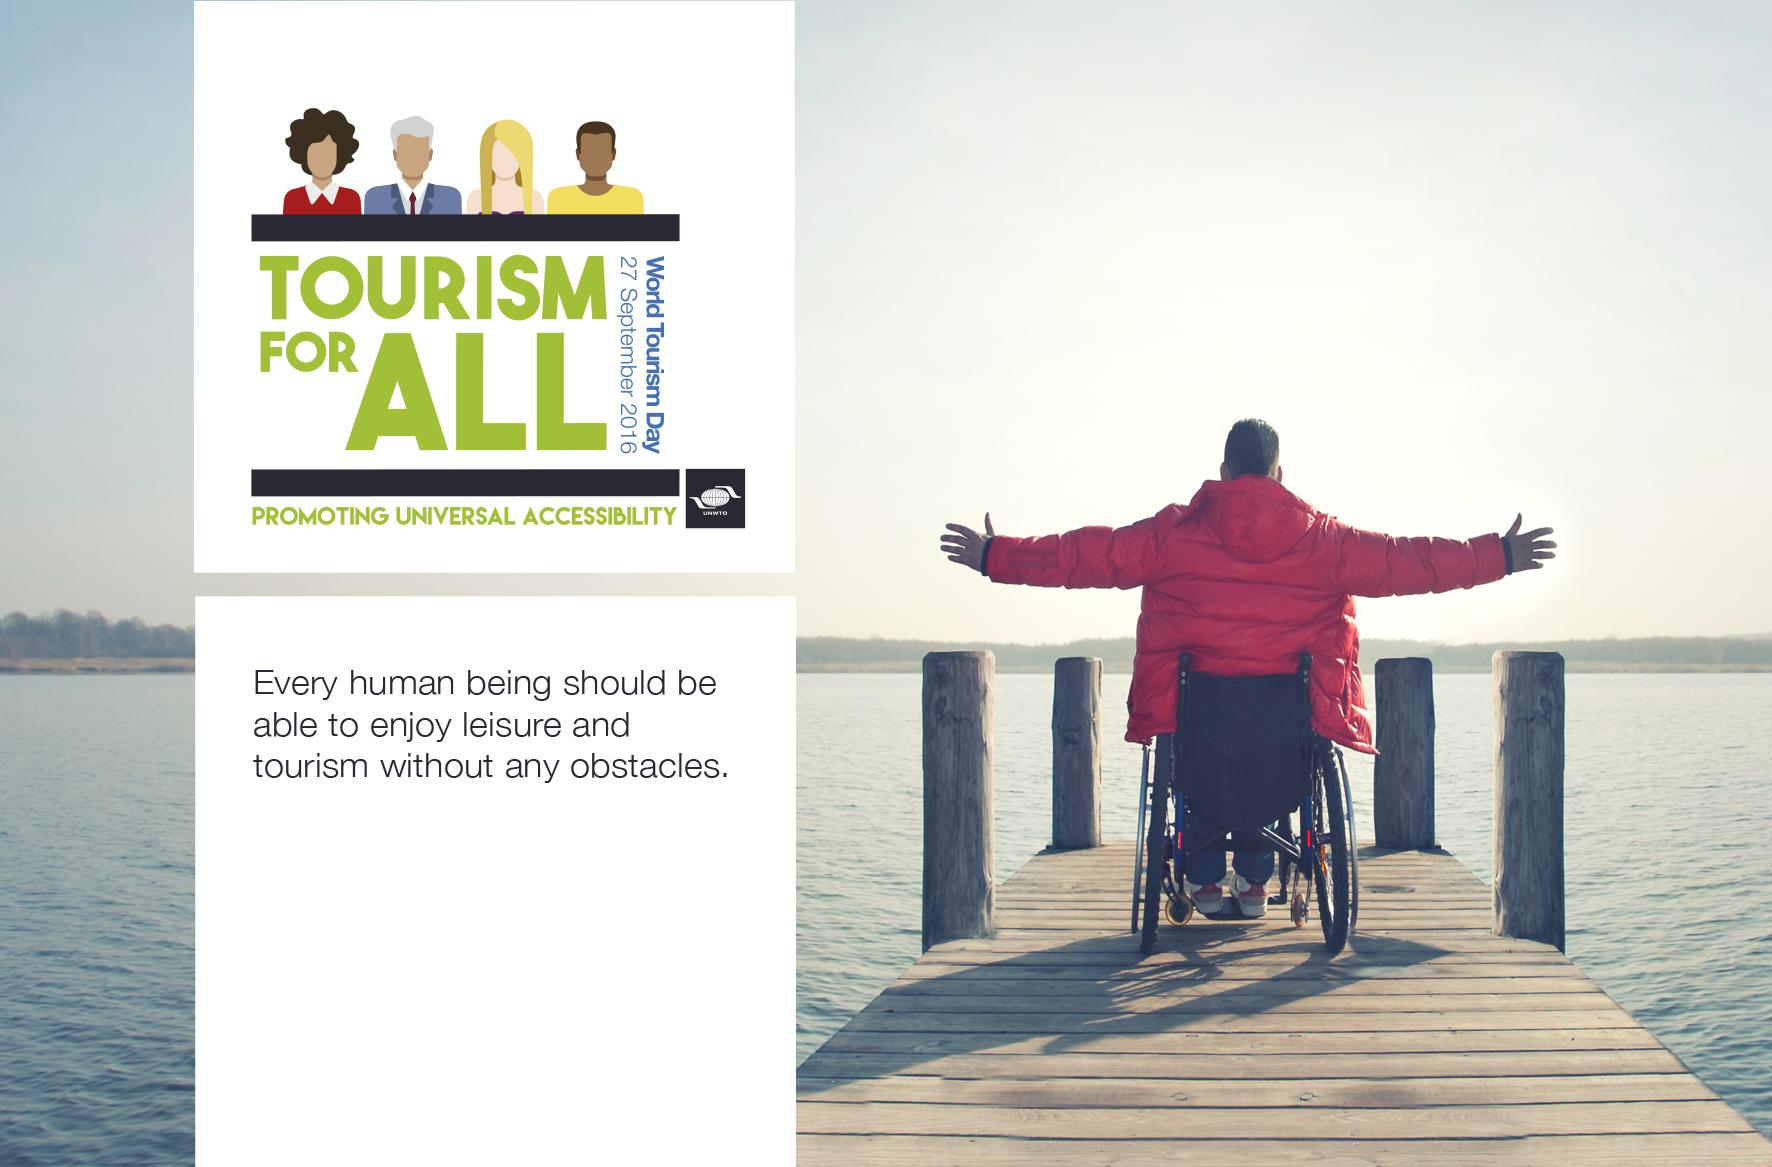 wtd_2016_tourism_for_all_social_media_image_i_en-1